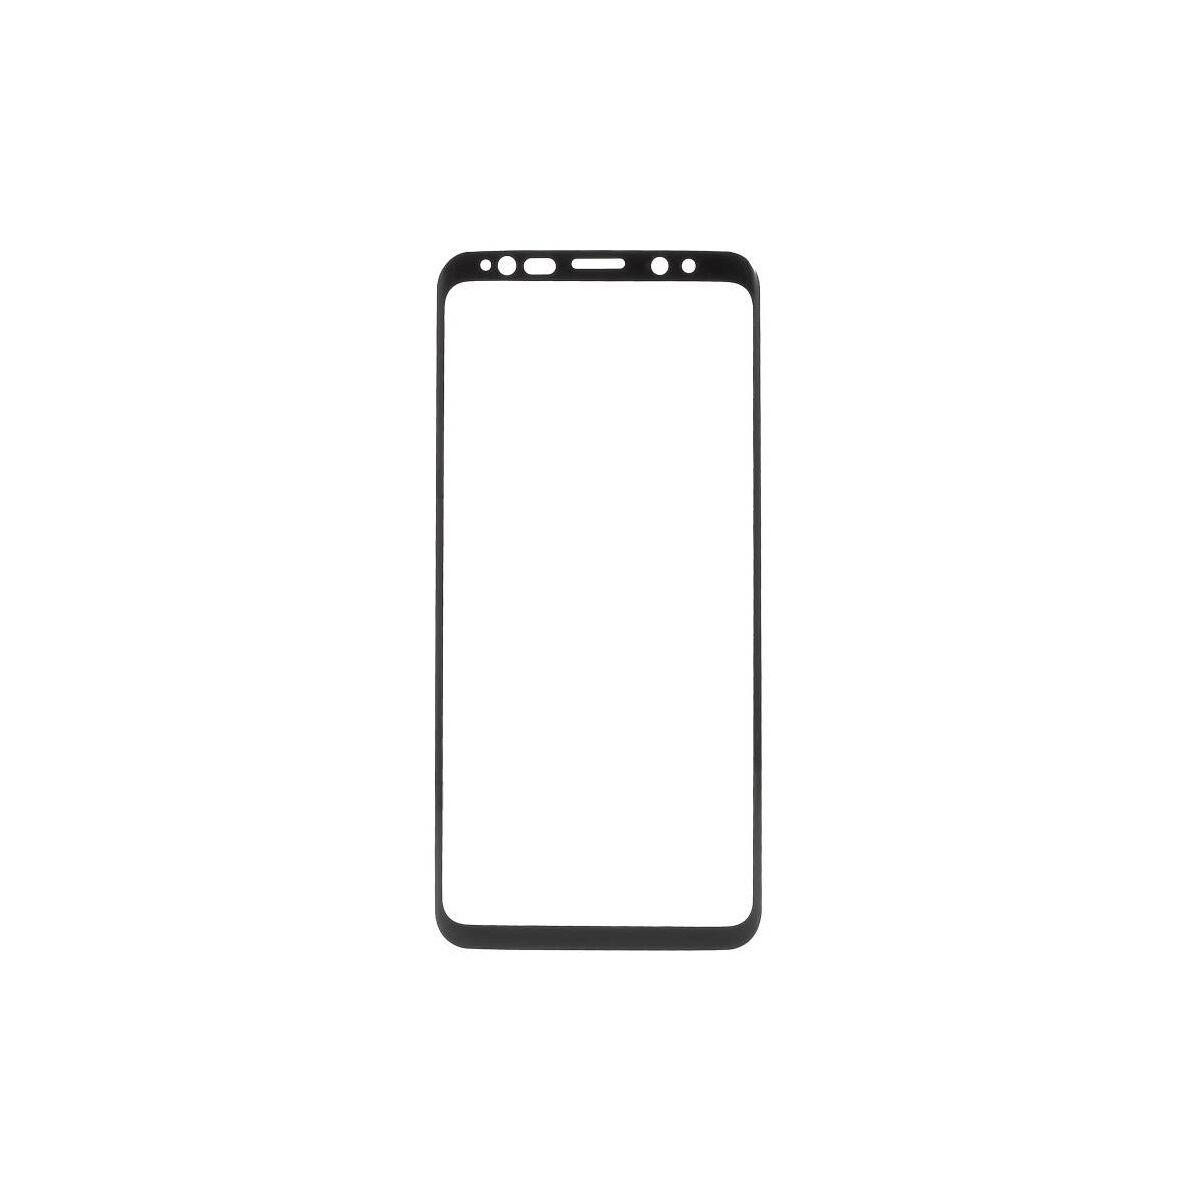 Baseus Samsung S9 Plus 0.3 mm, teljes felületre edzett üveg kijelzővédő fólia, fekete (SGSAS9P-TM01)